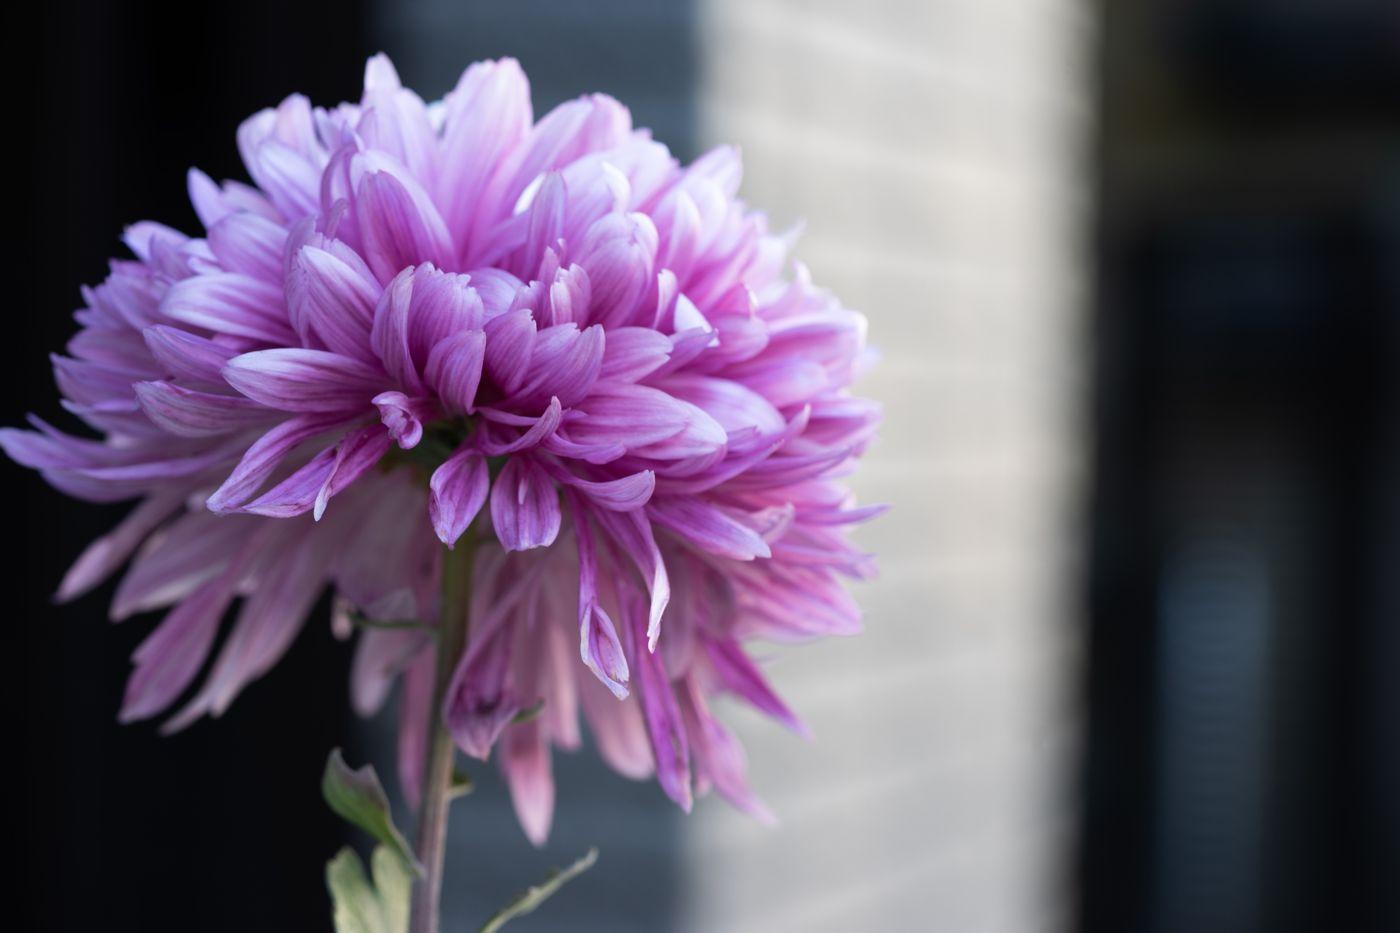 紫がかる菊の花の写真